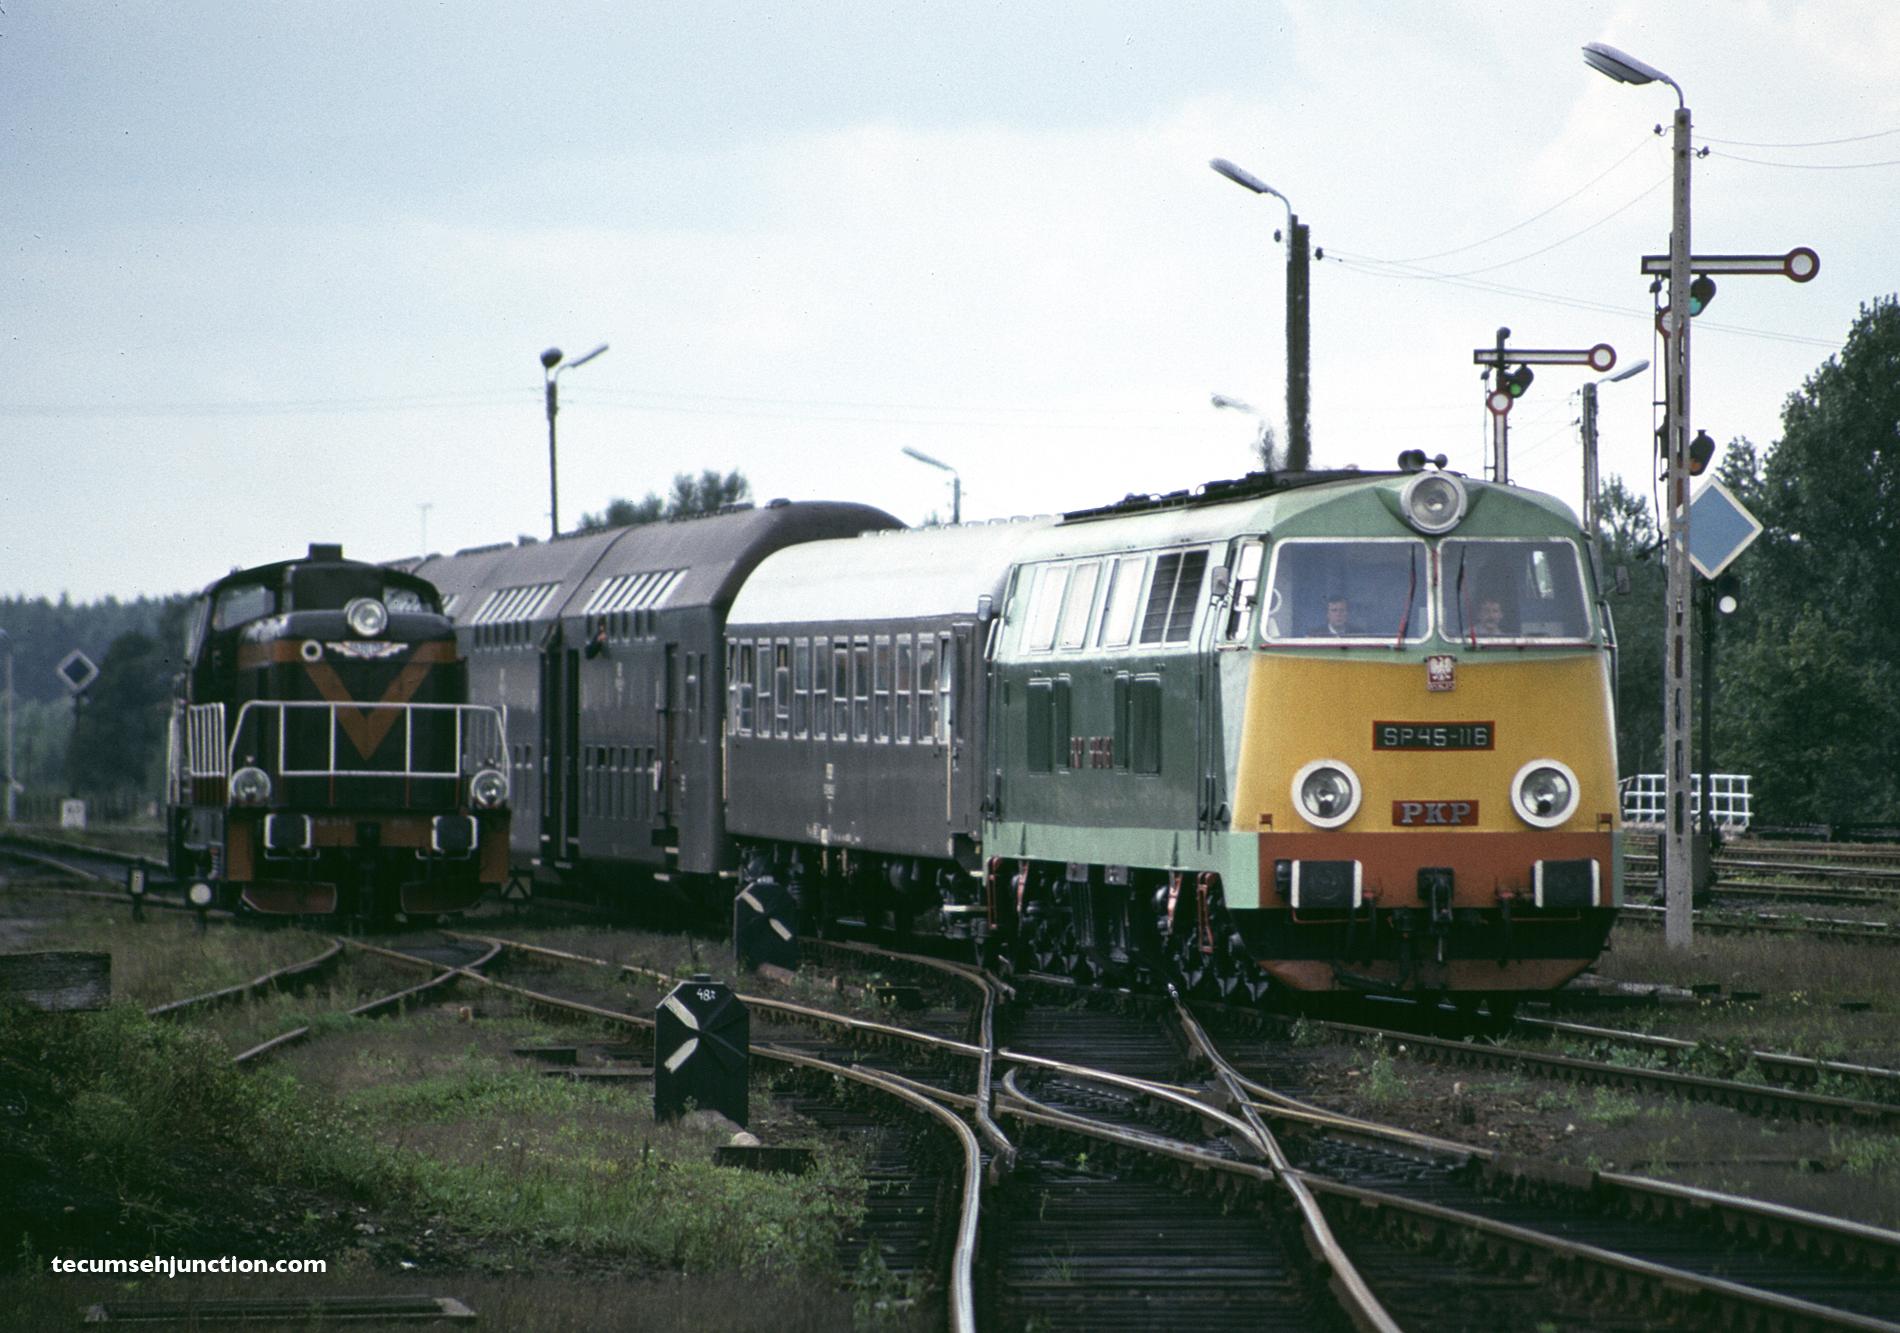 PKP SP45-116 arrives at Czersk, Poland on 07 September 1990.